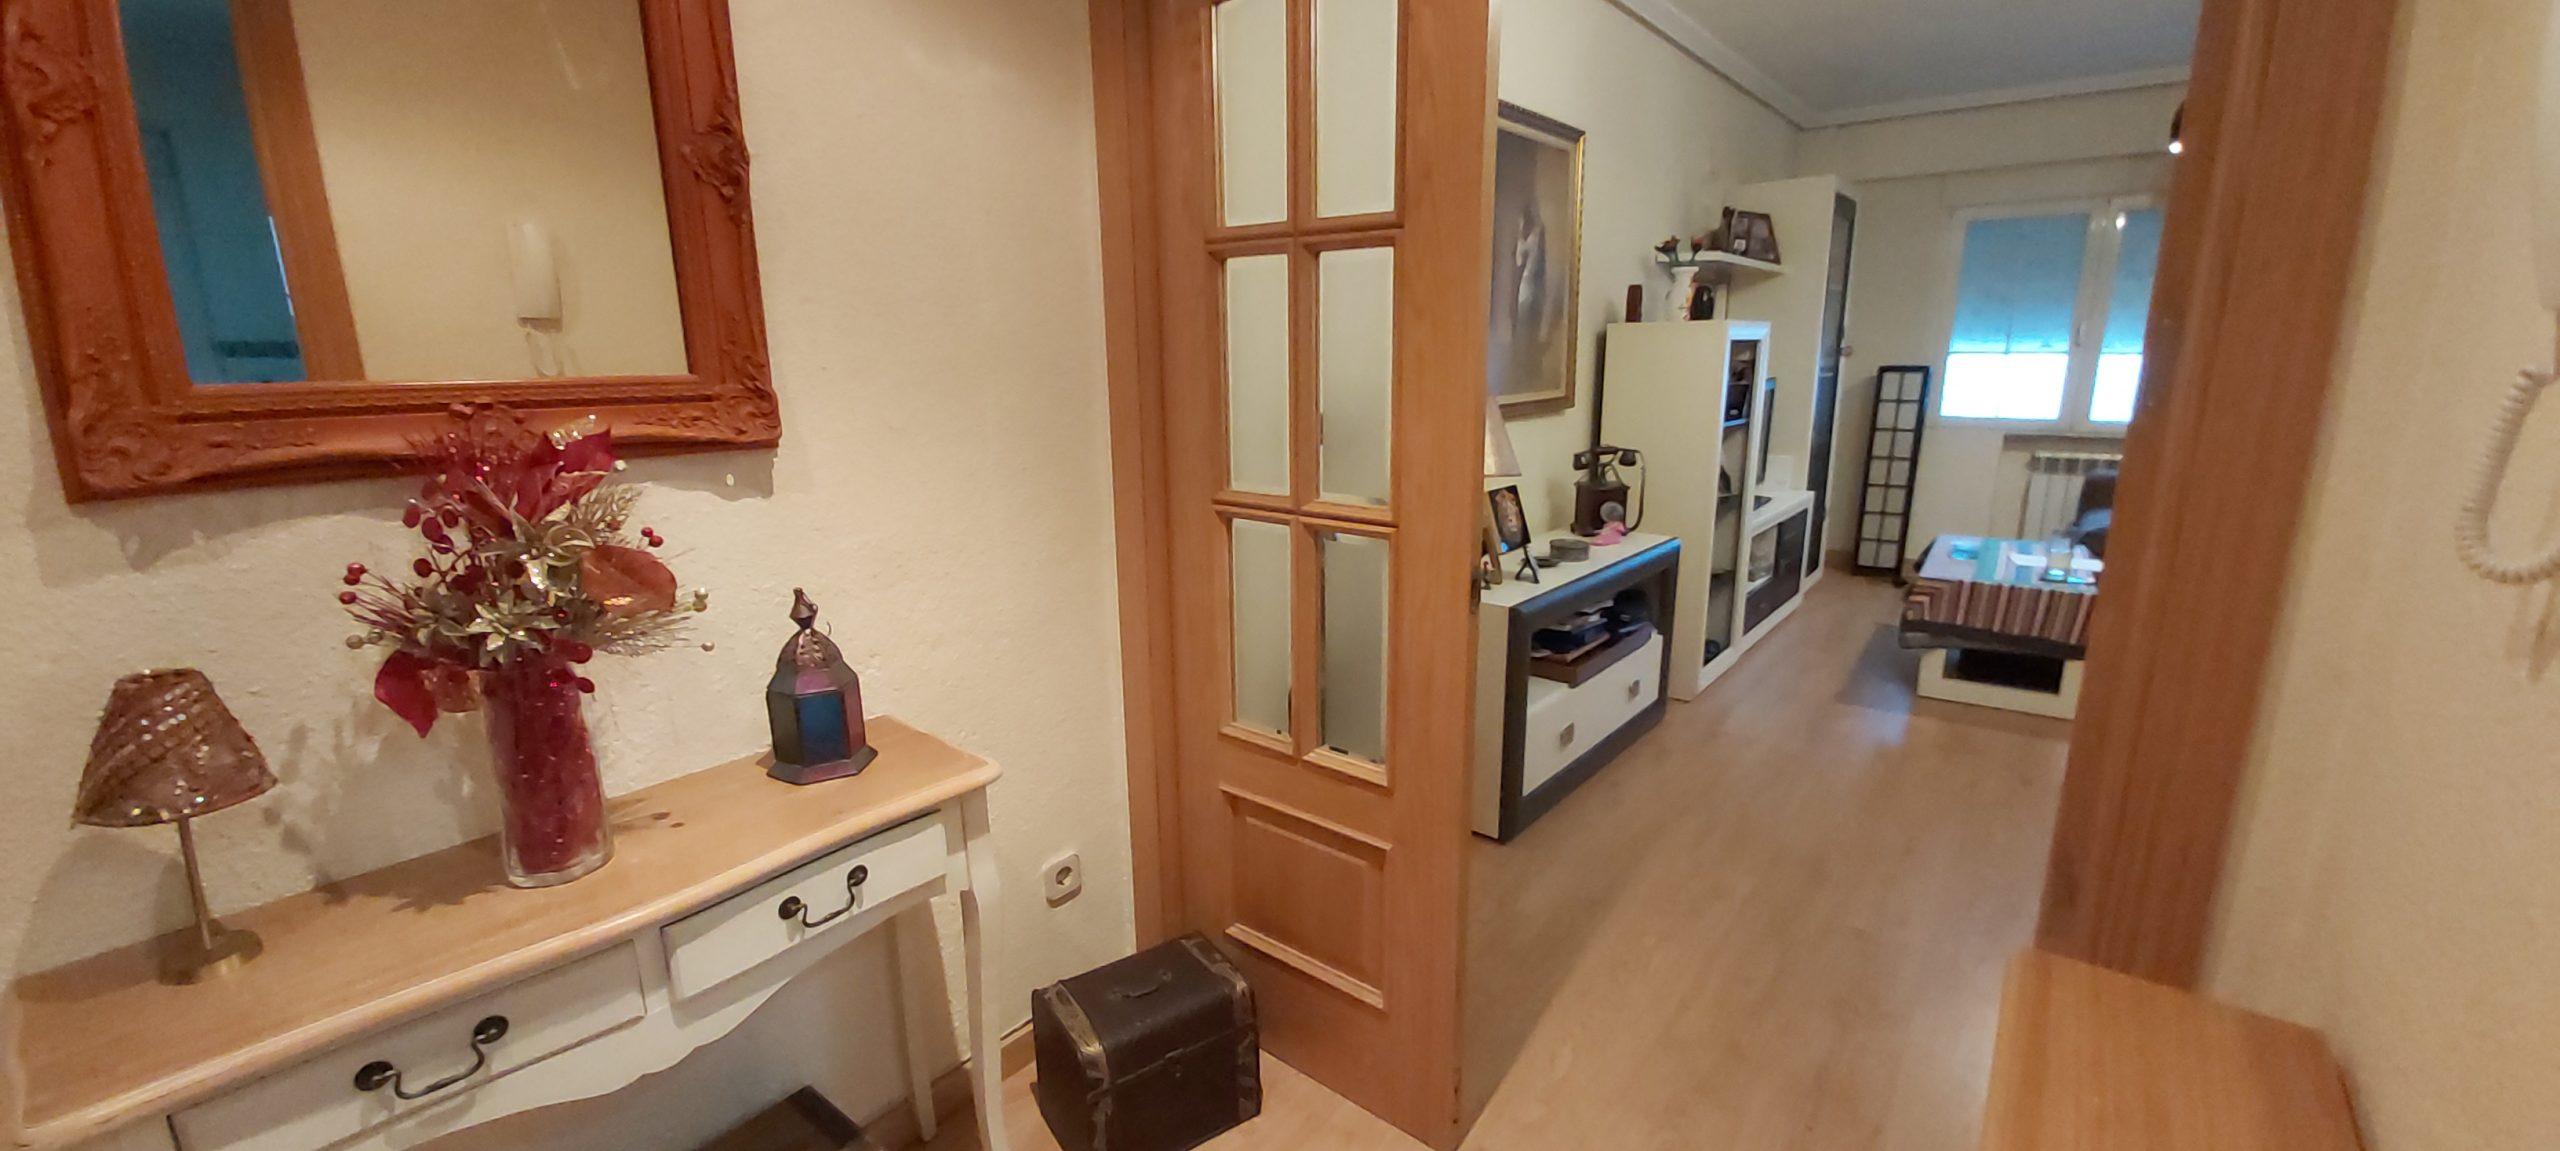 Piso de 3 dormitorios en Fuenlabrada